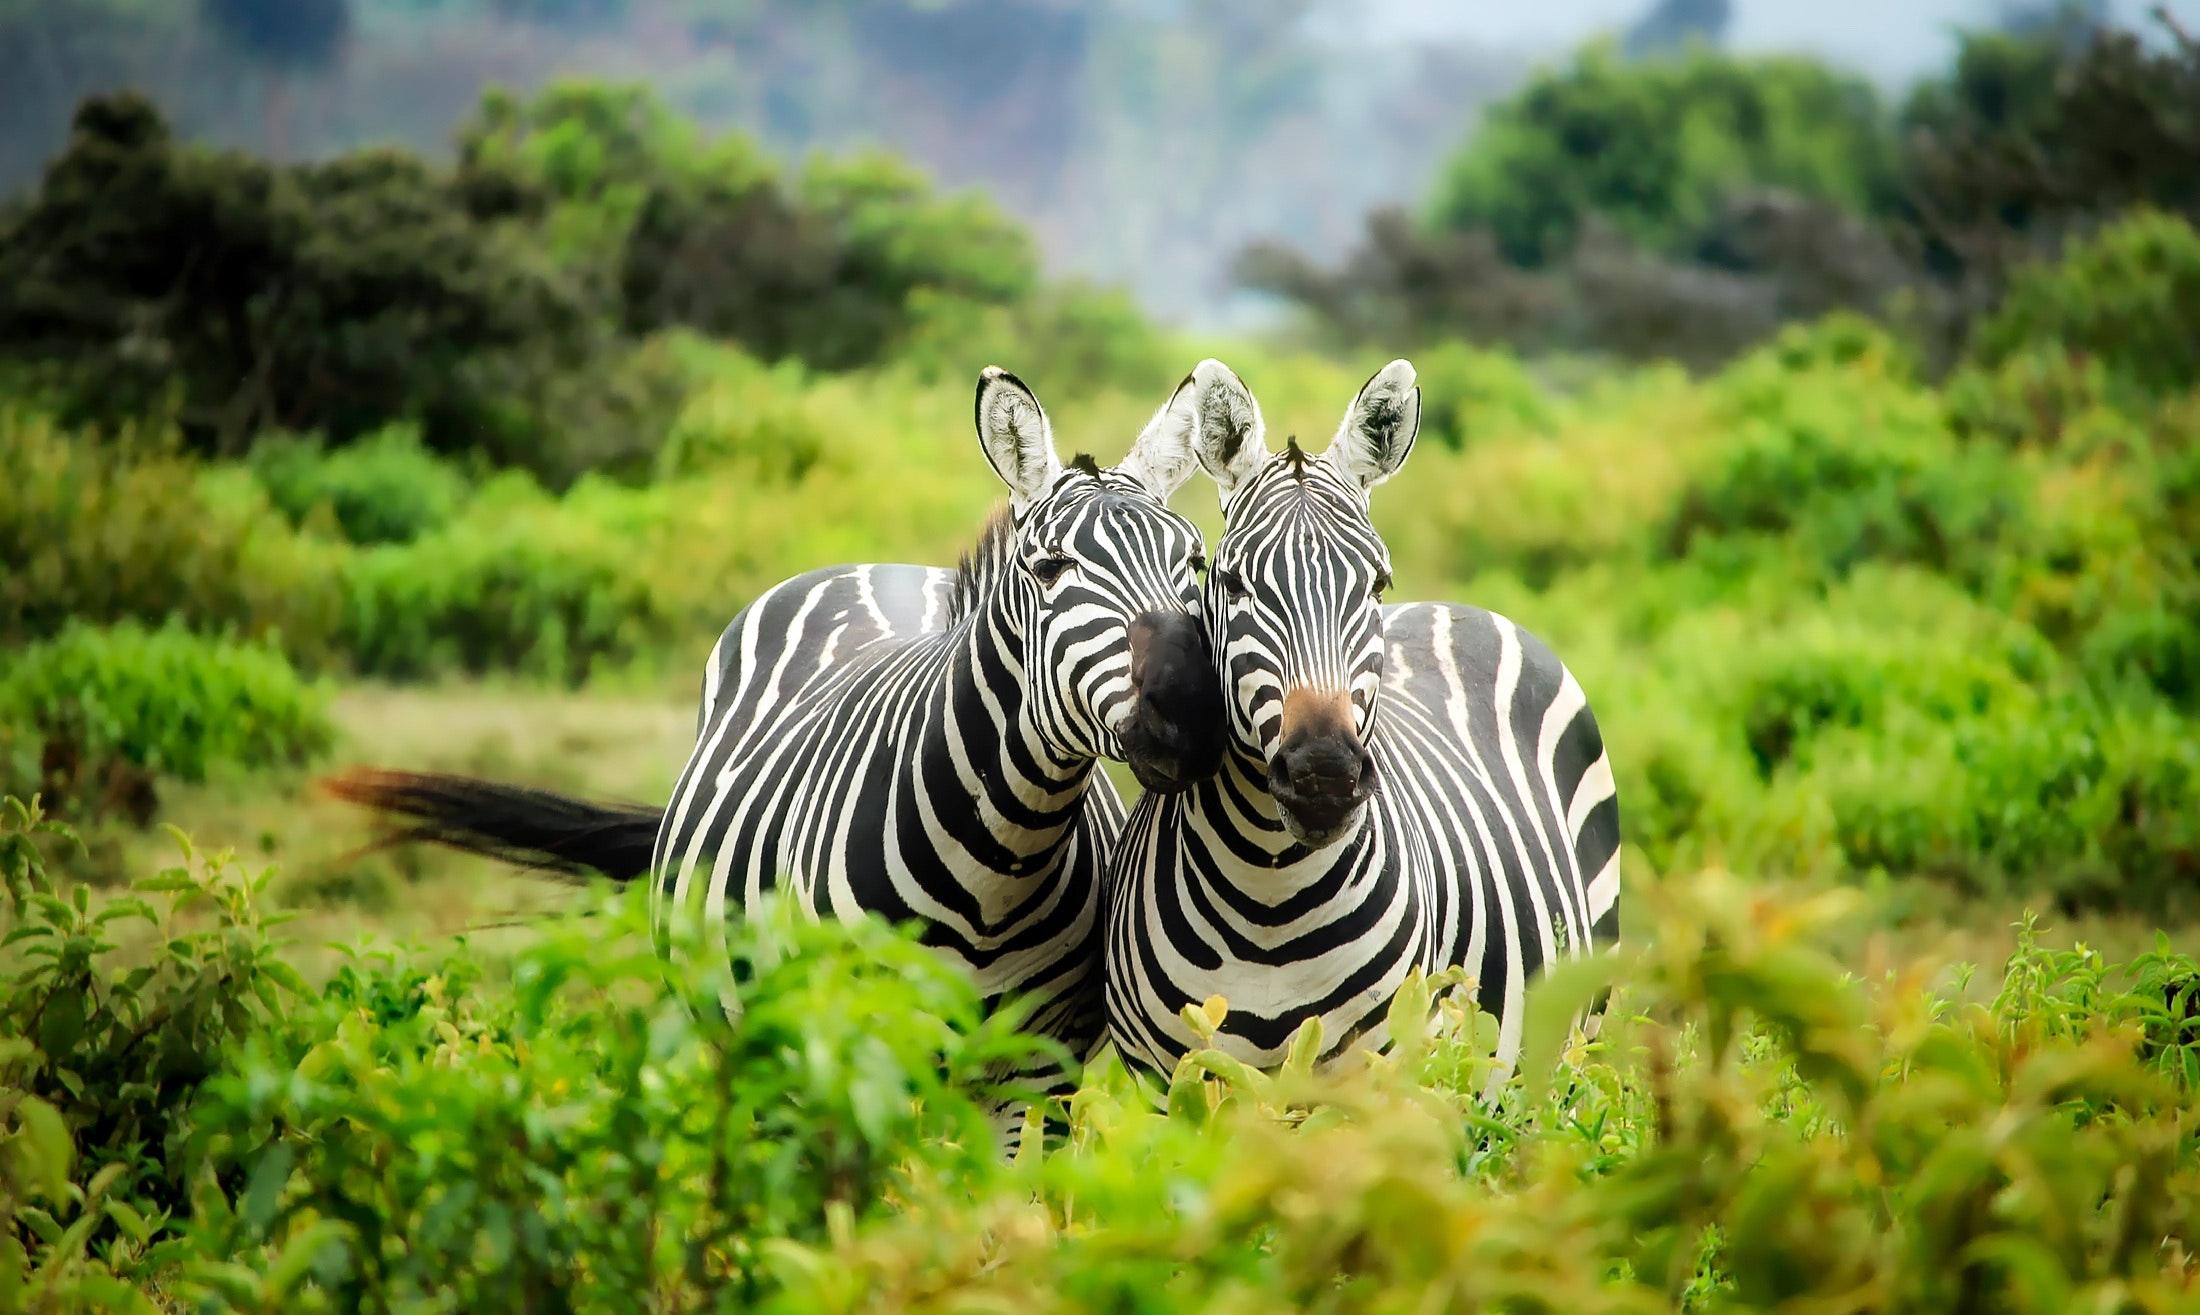 Zebras on zebra photo